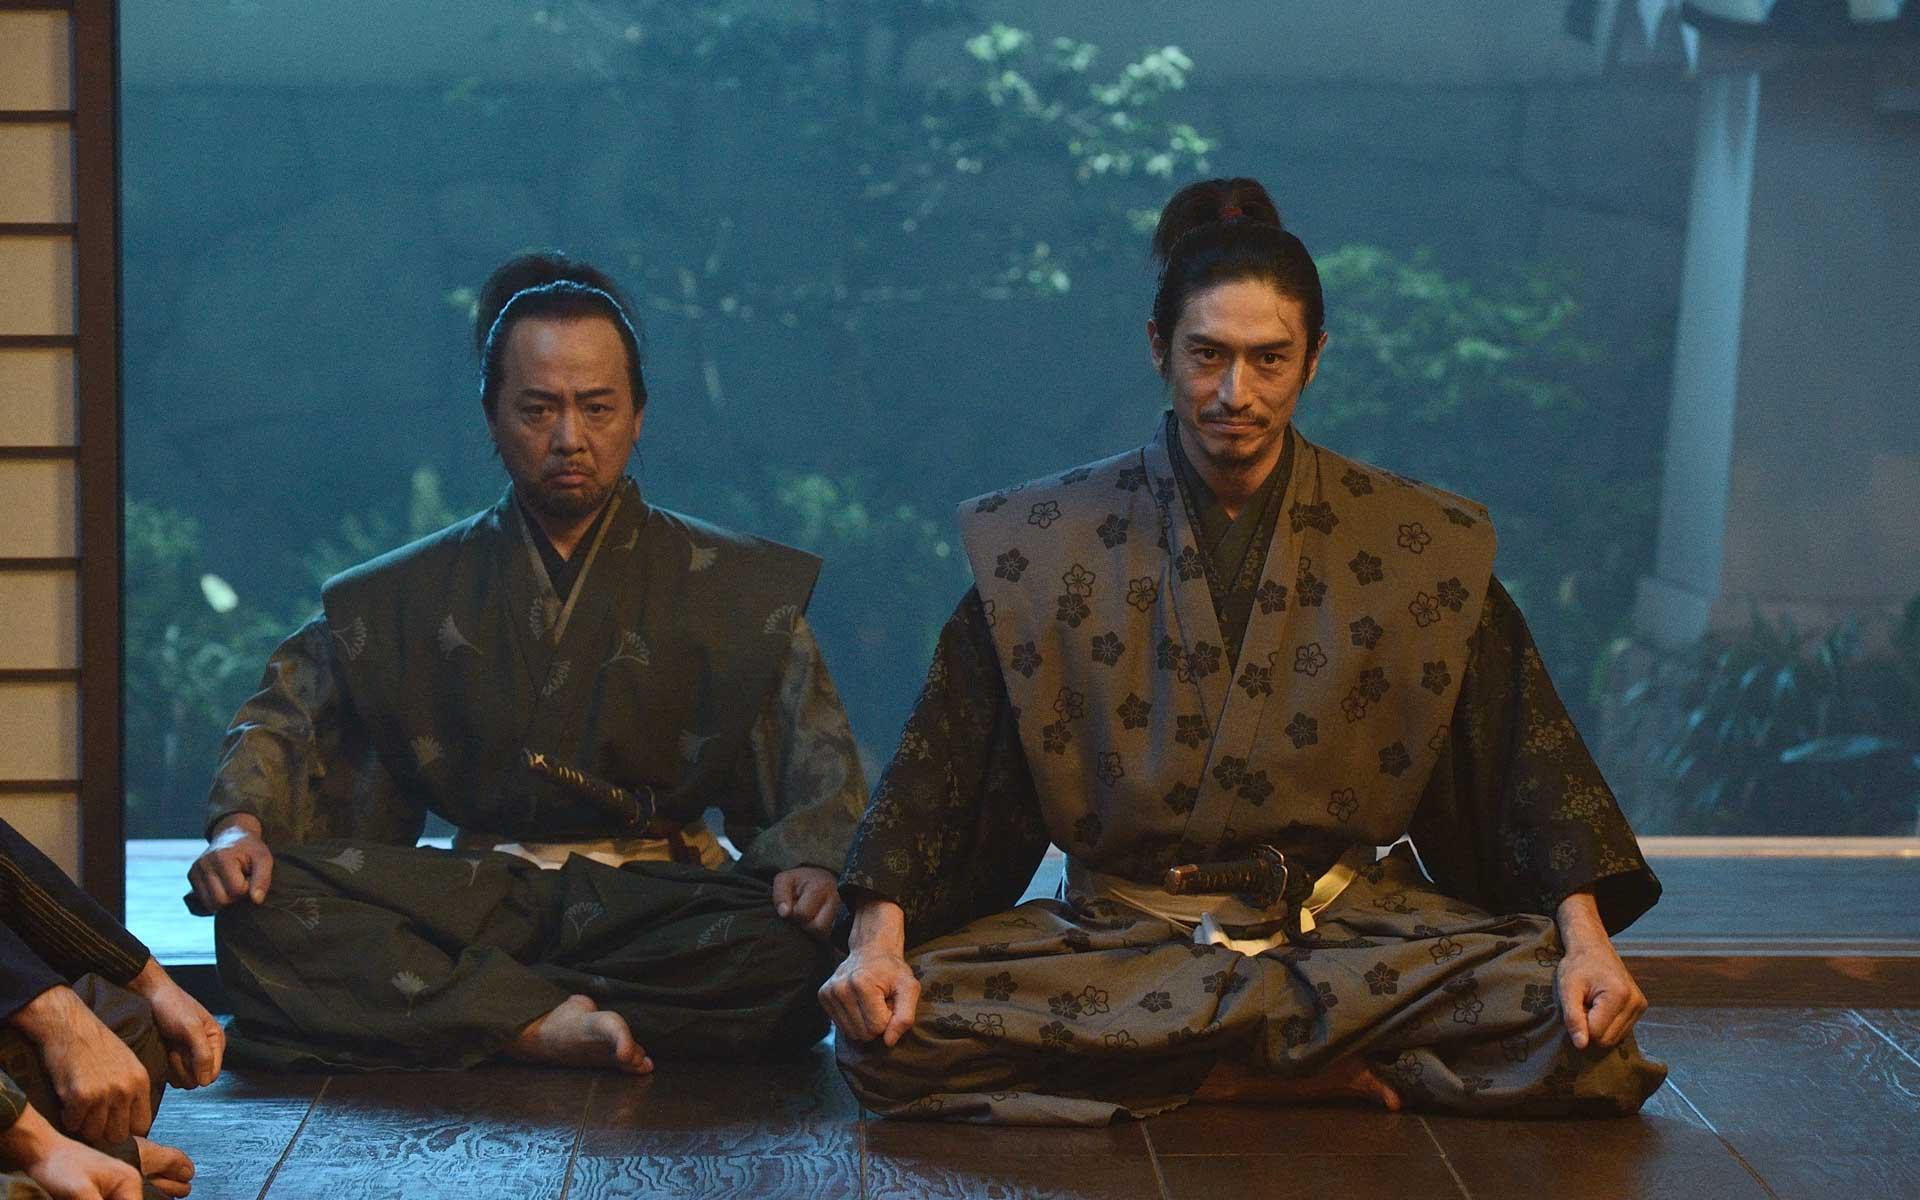 ninja doi dau samurai 8 - Đánh giá phim Mumon: Ninja đối đầu Samurai